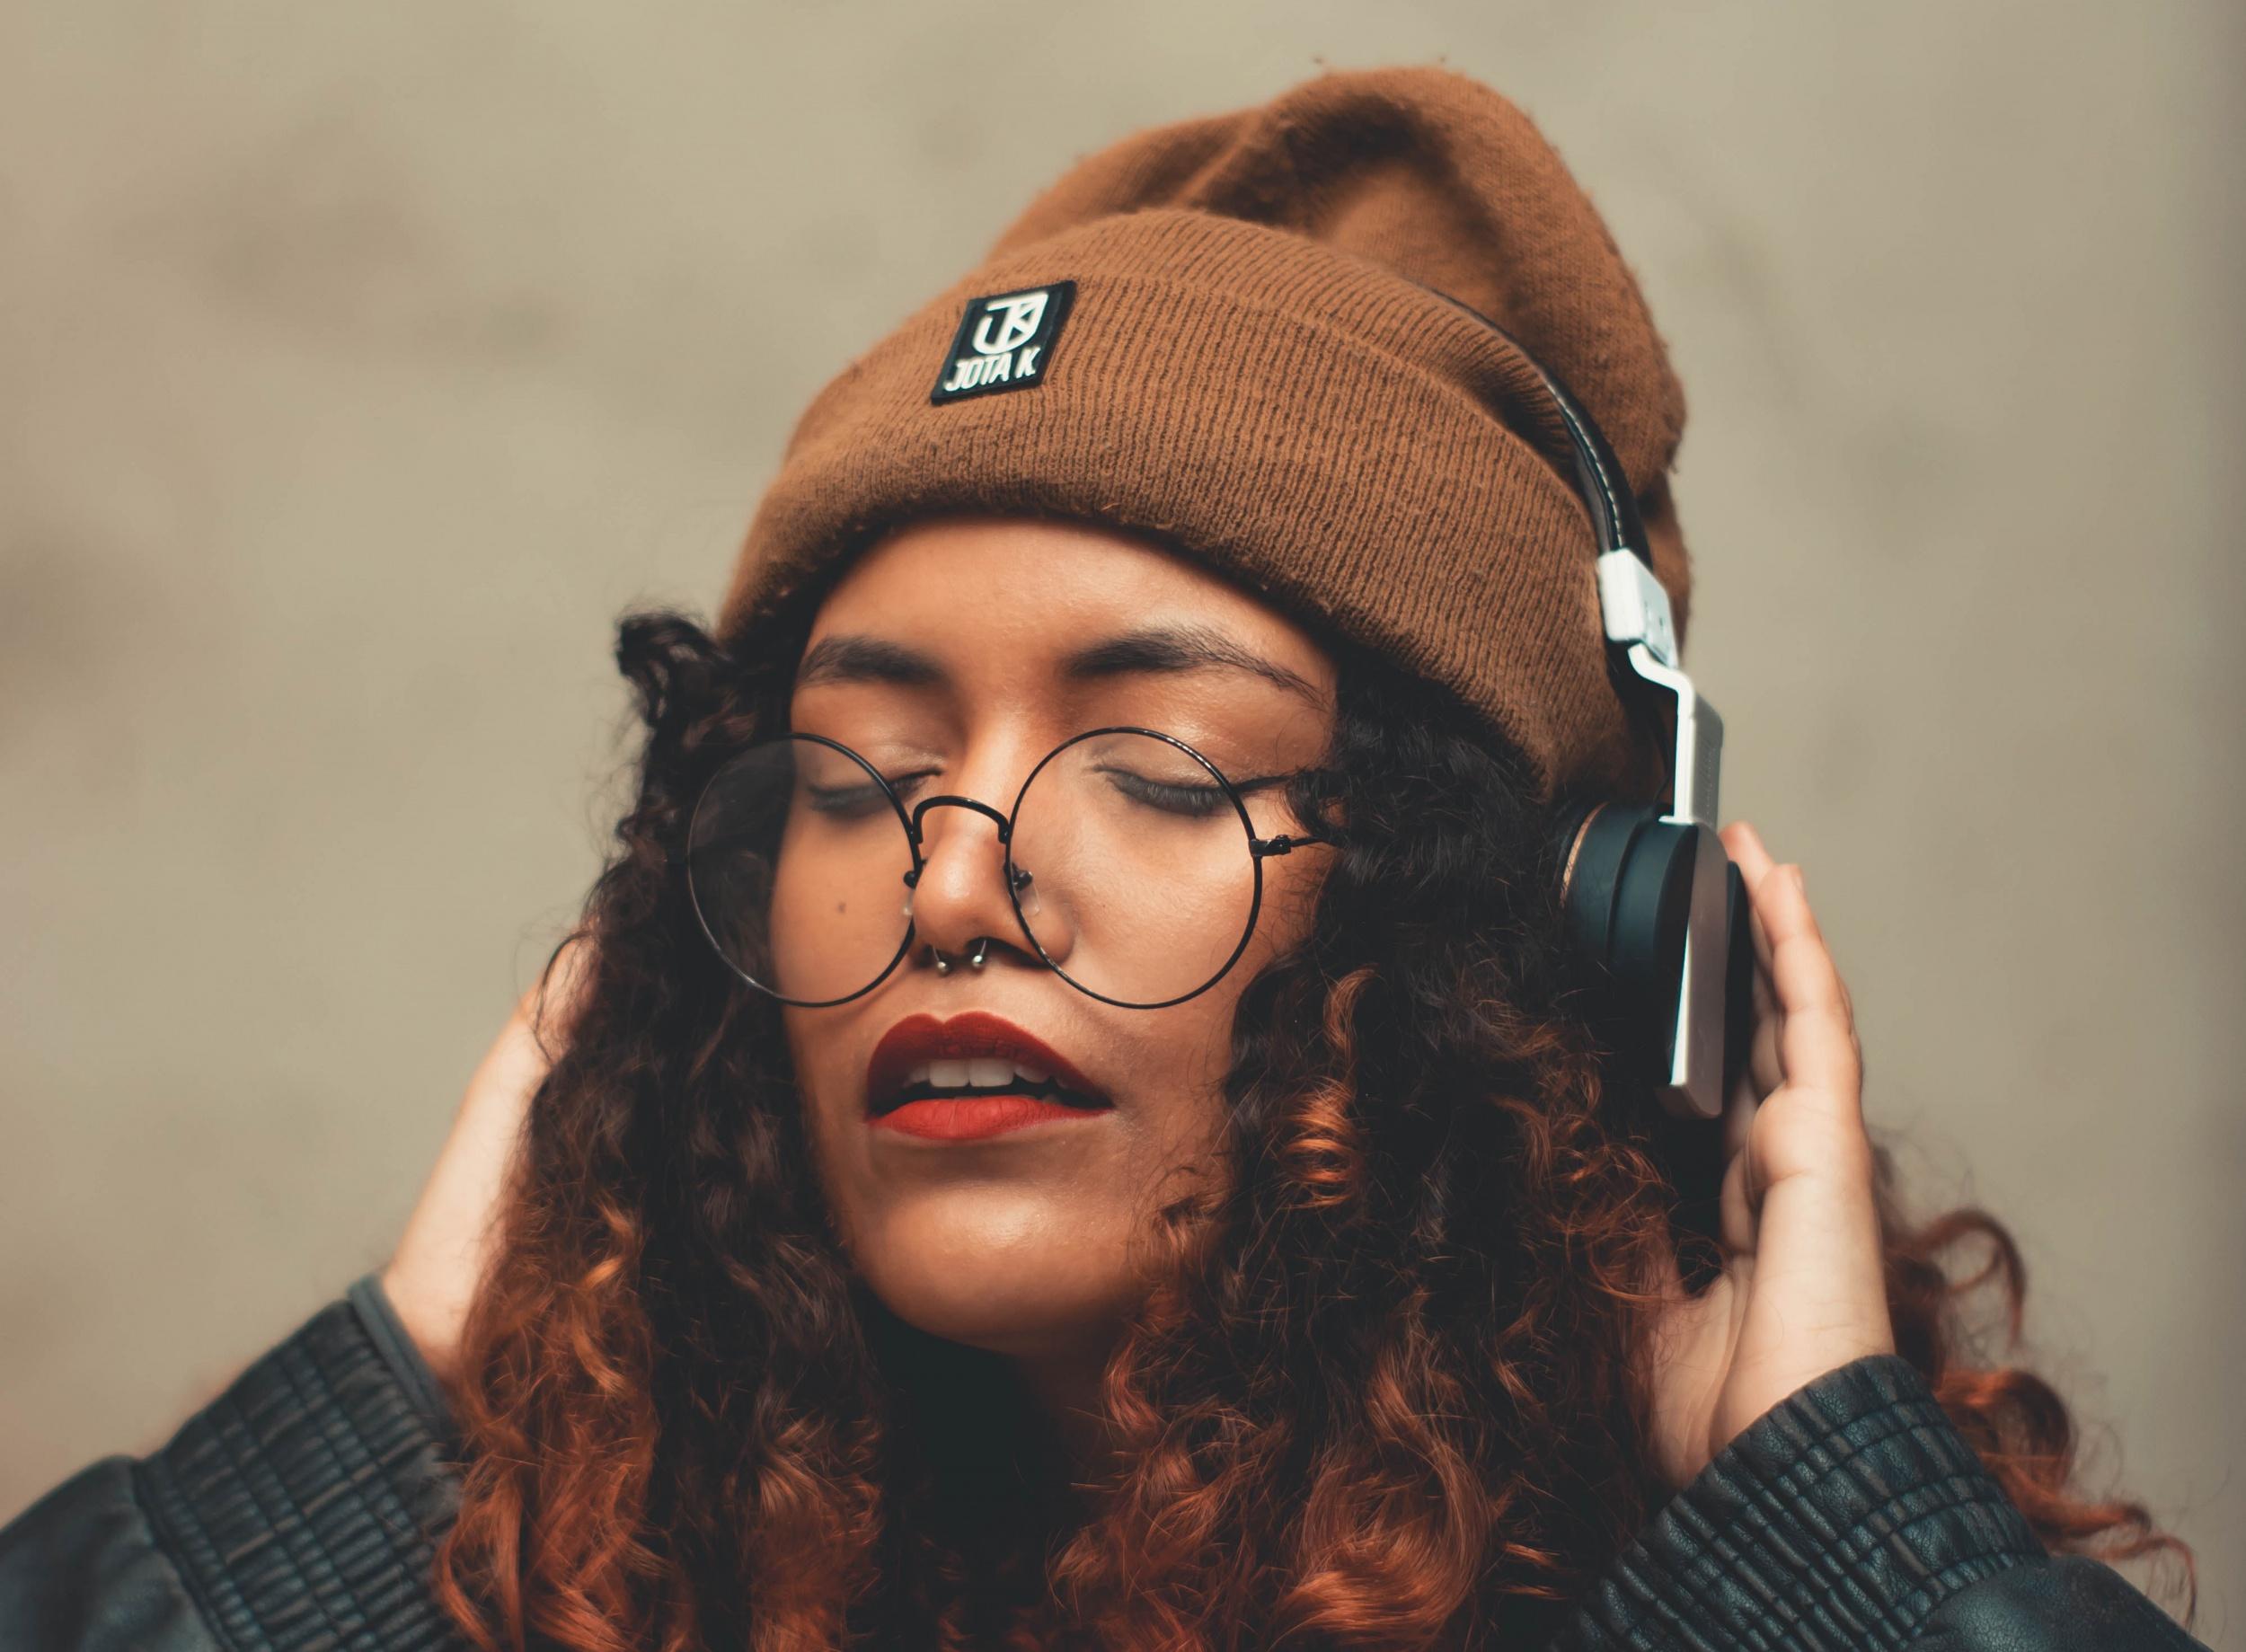 聆听适合自己耳朵的好声音 这款入耳式头戴...